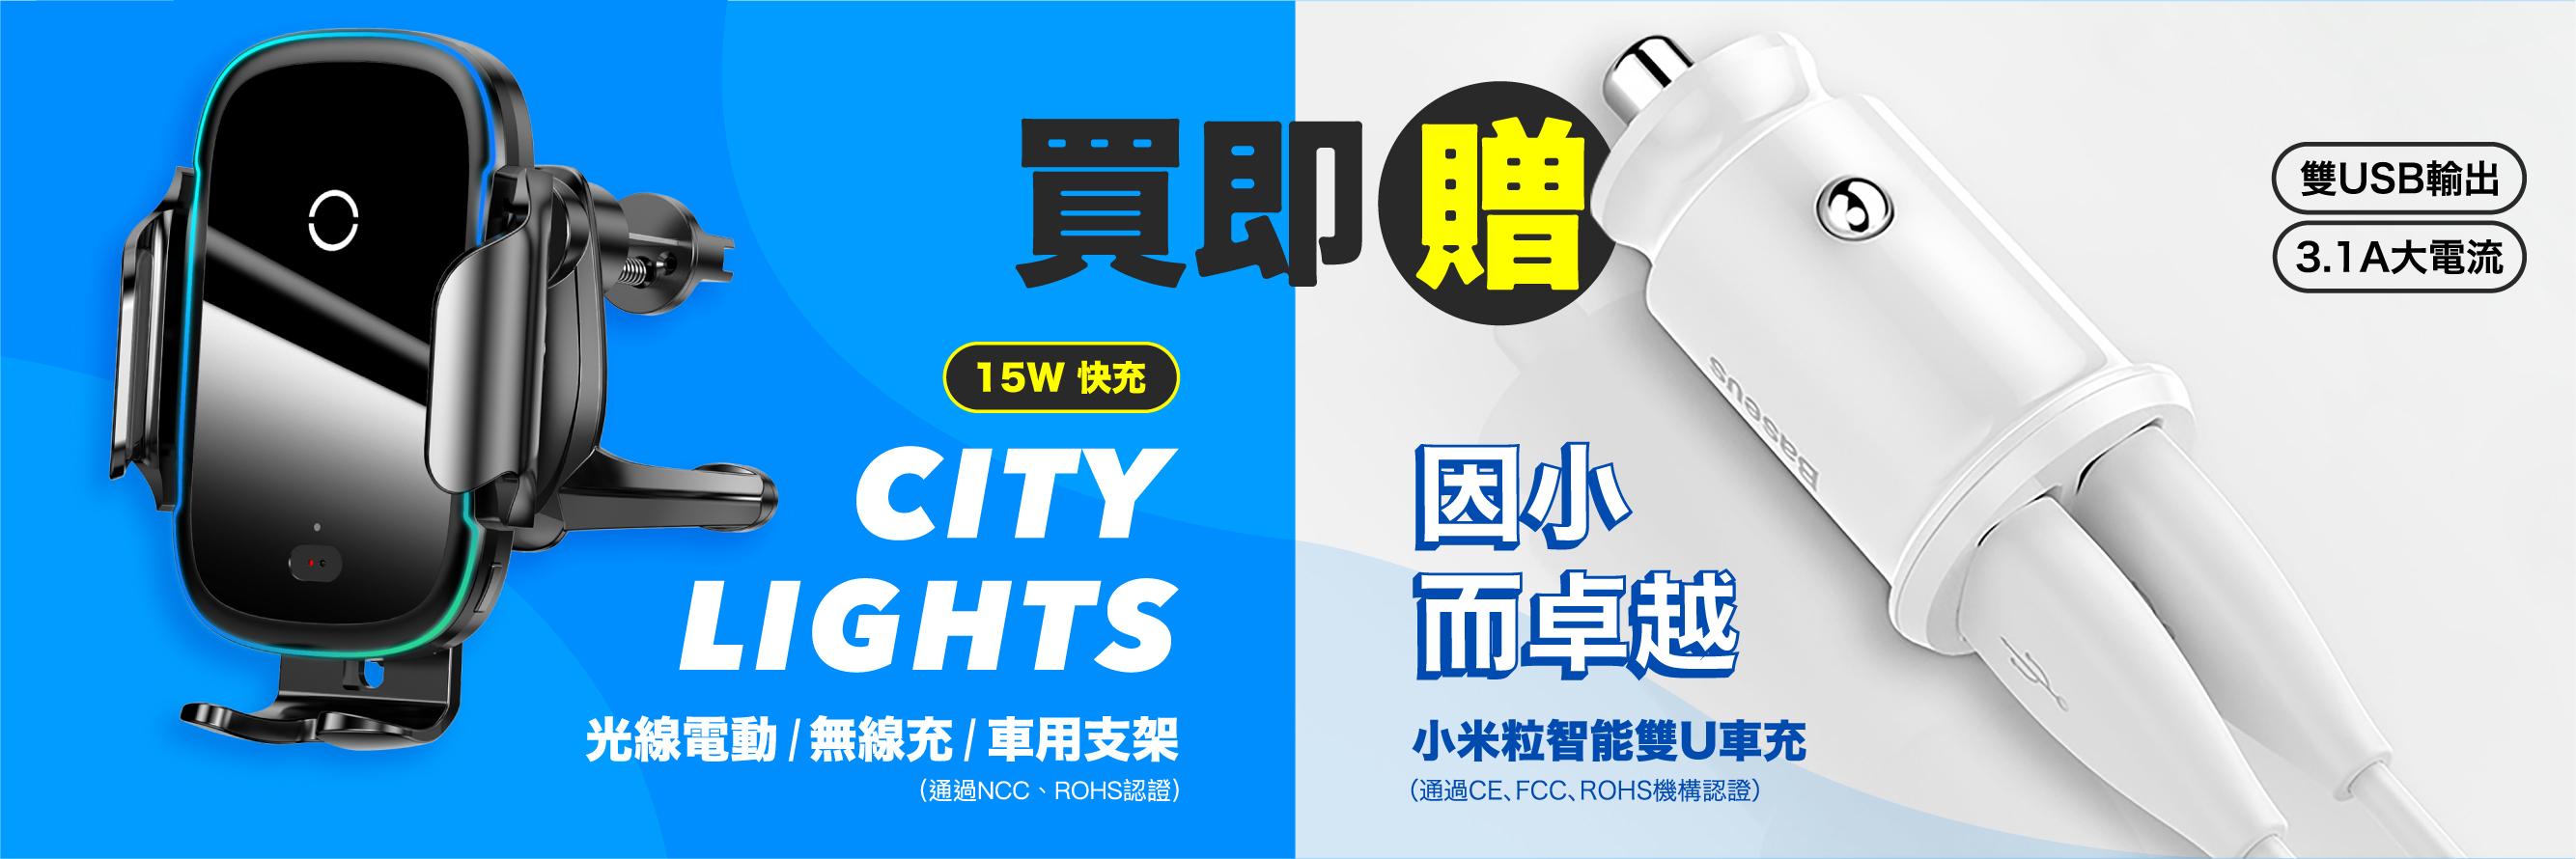 光線電動city-lights無線充車載支架-小米粒智能雙U車充